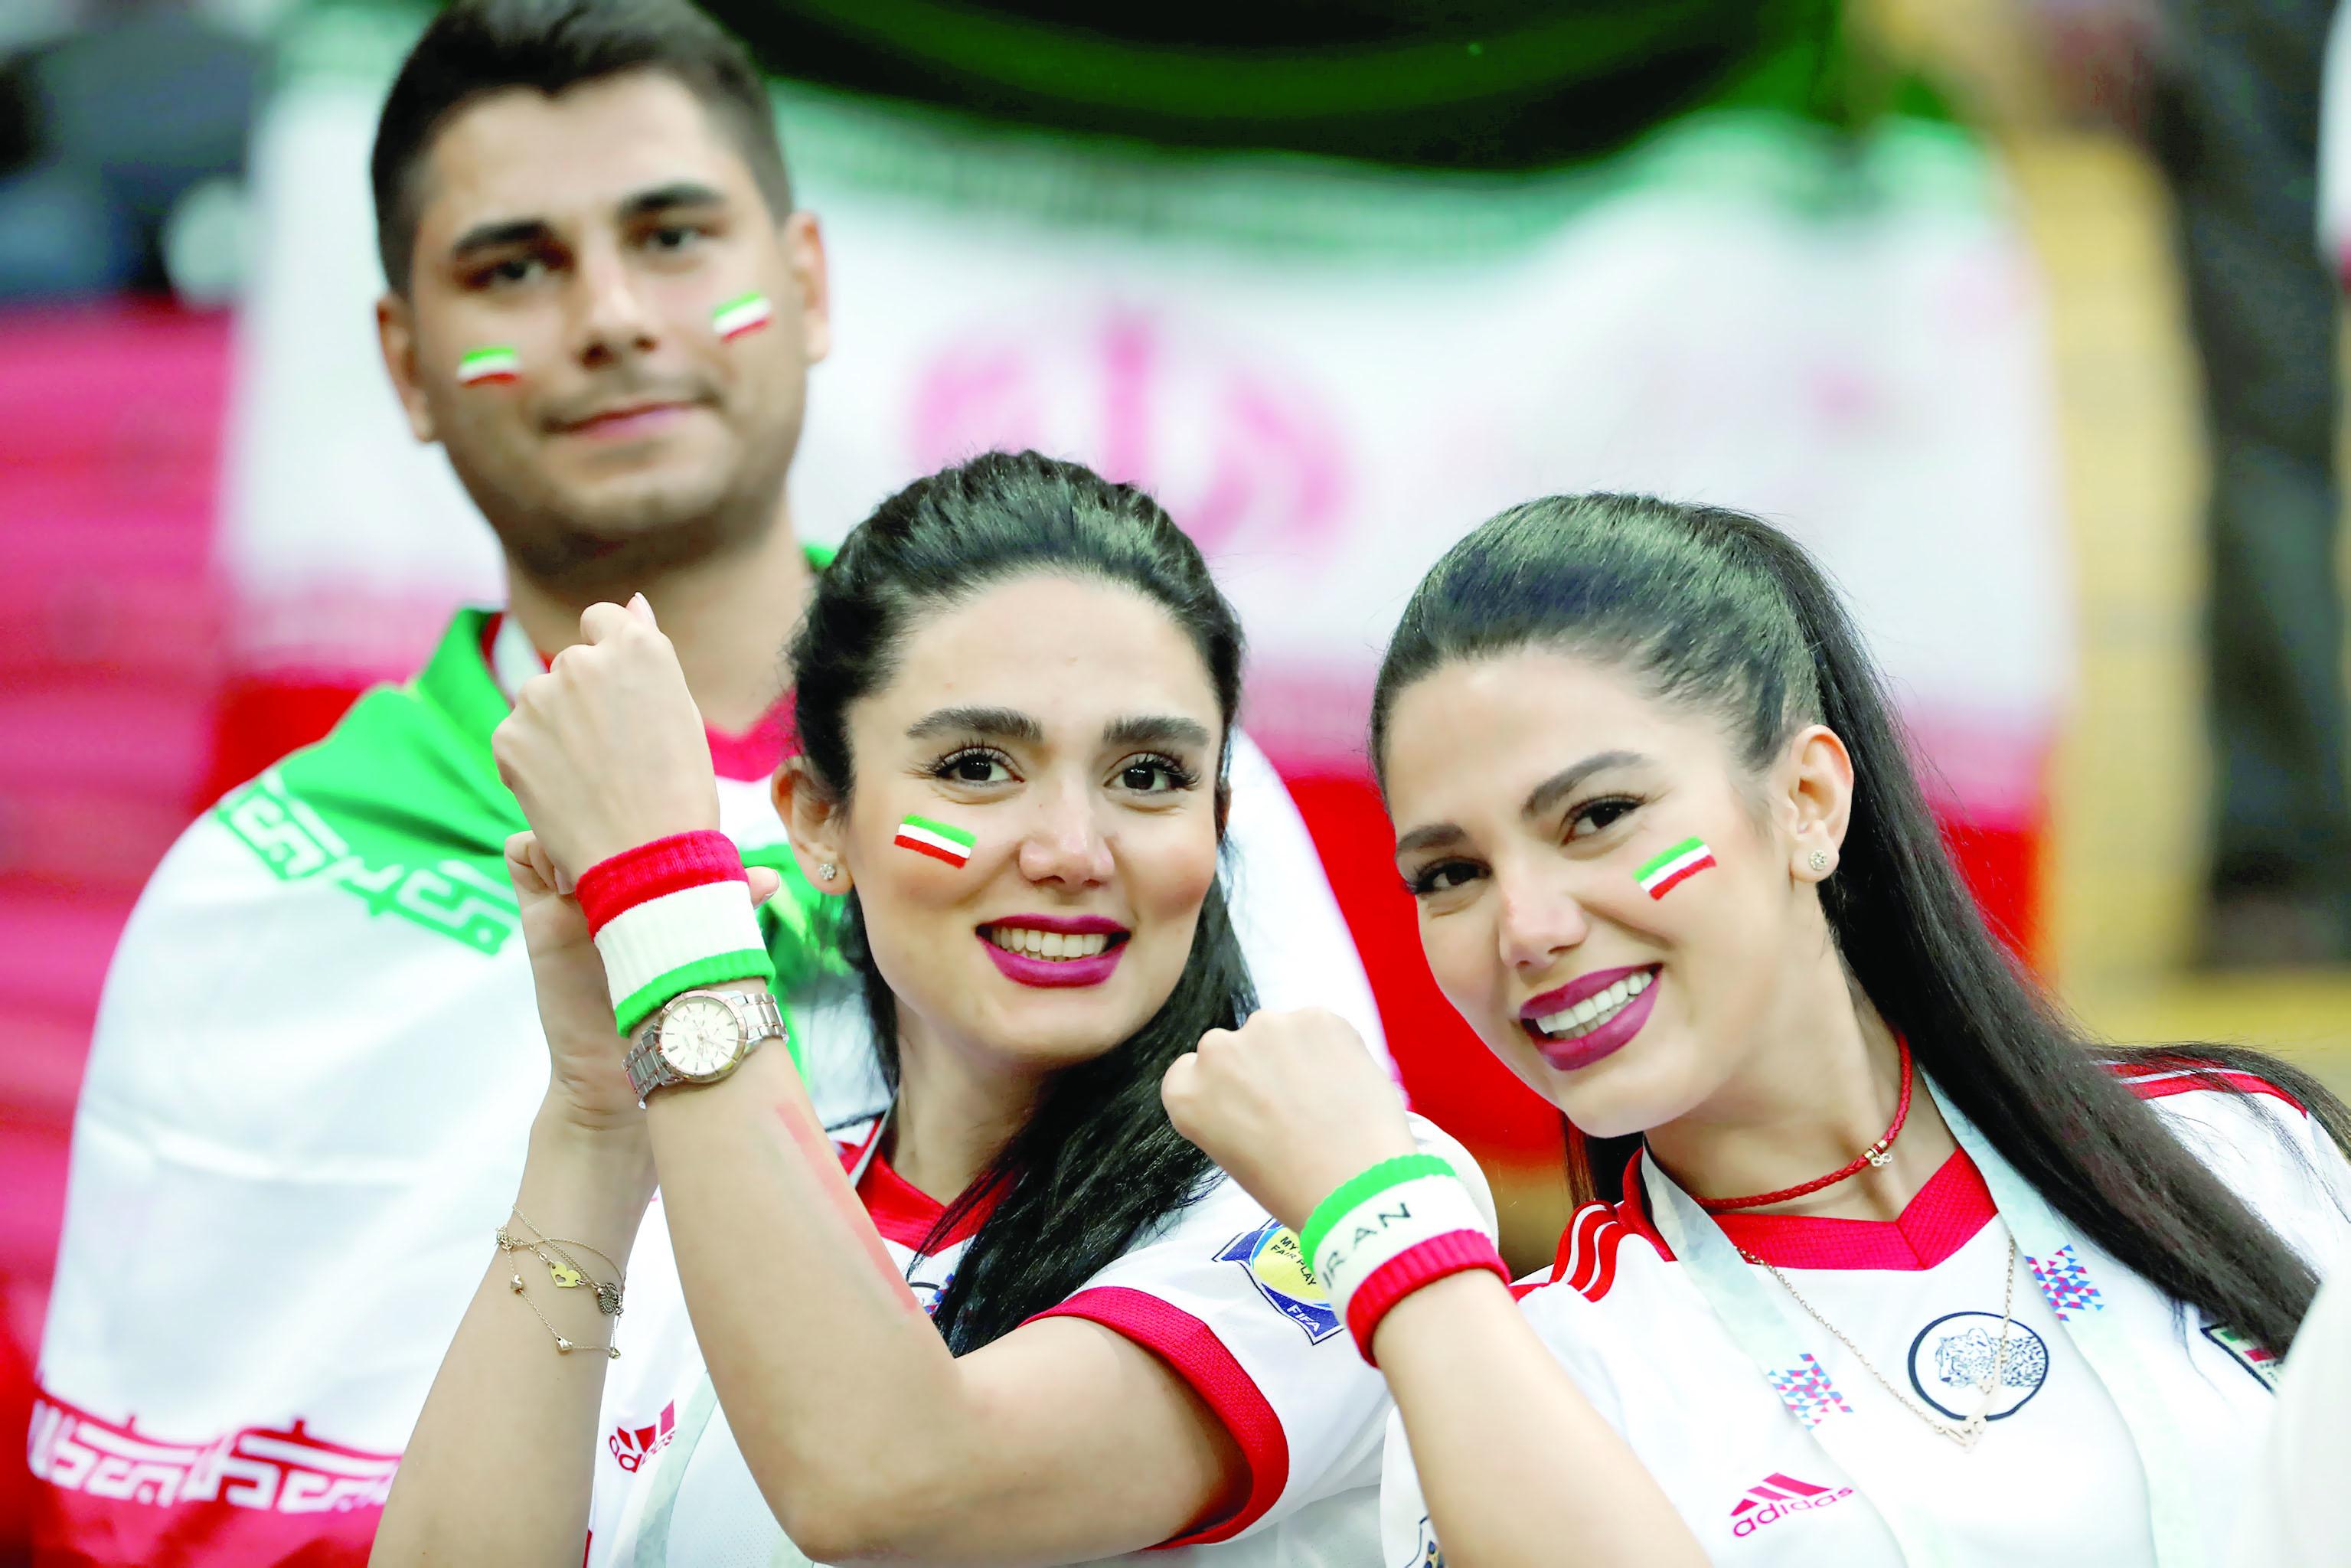 الرئيس الإيراني يعطي الضوء الأخضر لحضور النساء إلى الملاعب